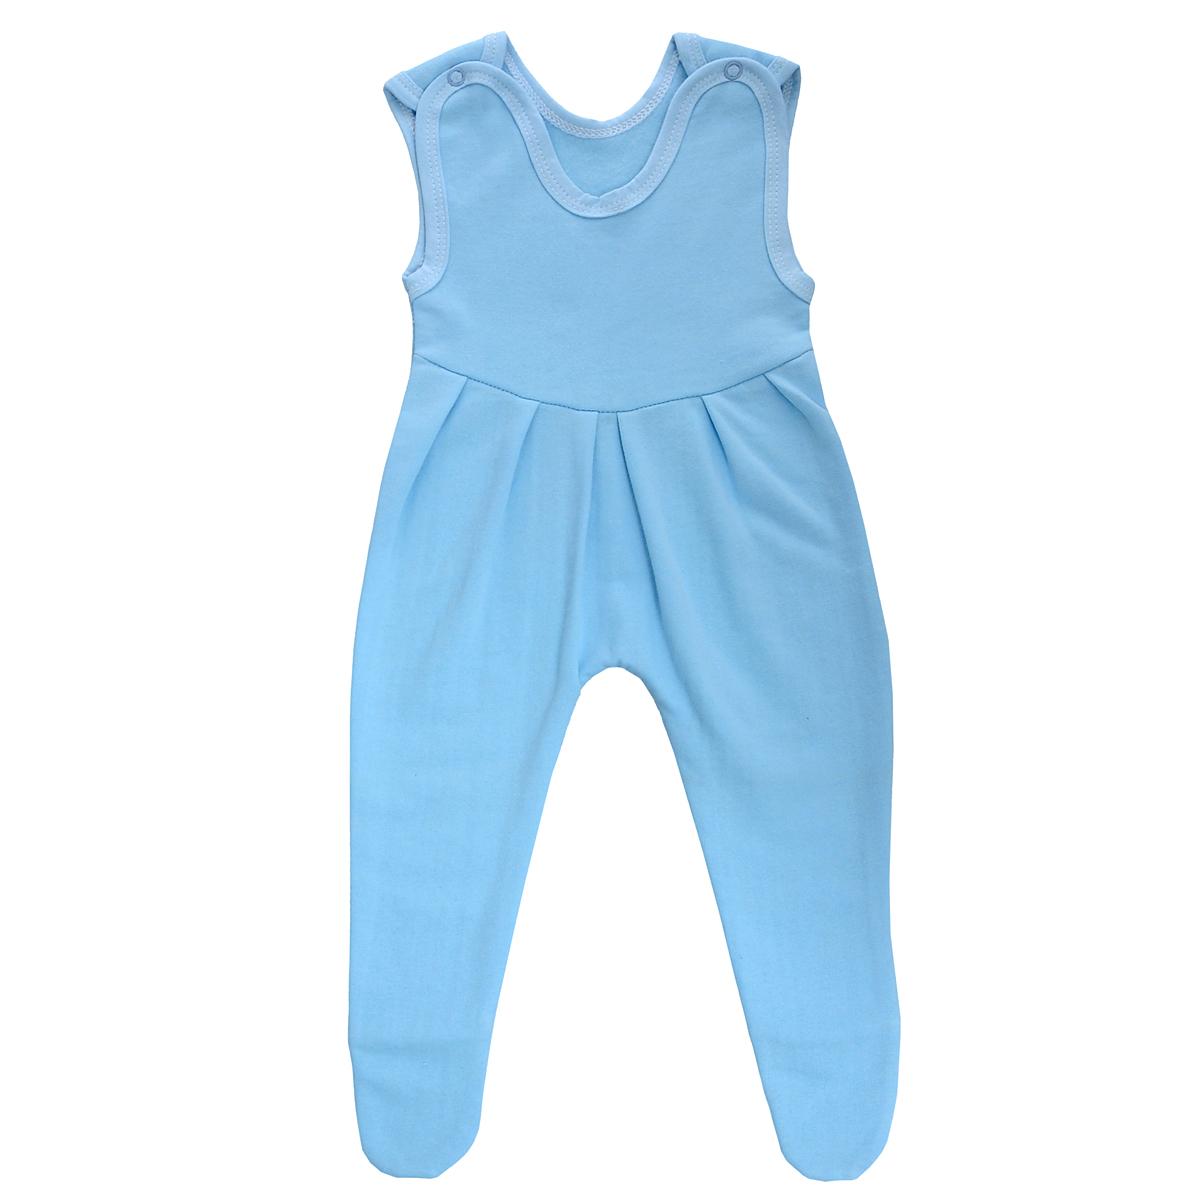 Ползунки с грудкой Трон-плюс, цвет: голубой. 5221. Размер 56, 1 месяц5221Ползунки с грудкой Трон-плюс - очень удобный и практичный вид одежды для малышей. Ползунки выполнены из футера - натурального хлопка, благодаря чему они необычайно мягкие, тепленькие и приятные на ощупь, не раздражают нежную кожу ребенка и хорошо вентилируются, а эластичные швы приятны телу младенца и не препятствуют его движениям. Ползунки с закрытыми ножками, застегивающиеся сверху на две кнопочки, идеально подойдут вашему ребенку, обеспечивая ему наибольший комфорт, подходят для ношения с подгузником и без него. От линии груди заложены складочки, придающие изделию оригинальность.Ползунки с грудкой полностью соответствуют особенностям жизни младенца в ранний период, не стесняя и не ограничивая его в движениях!